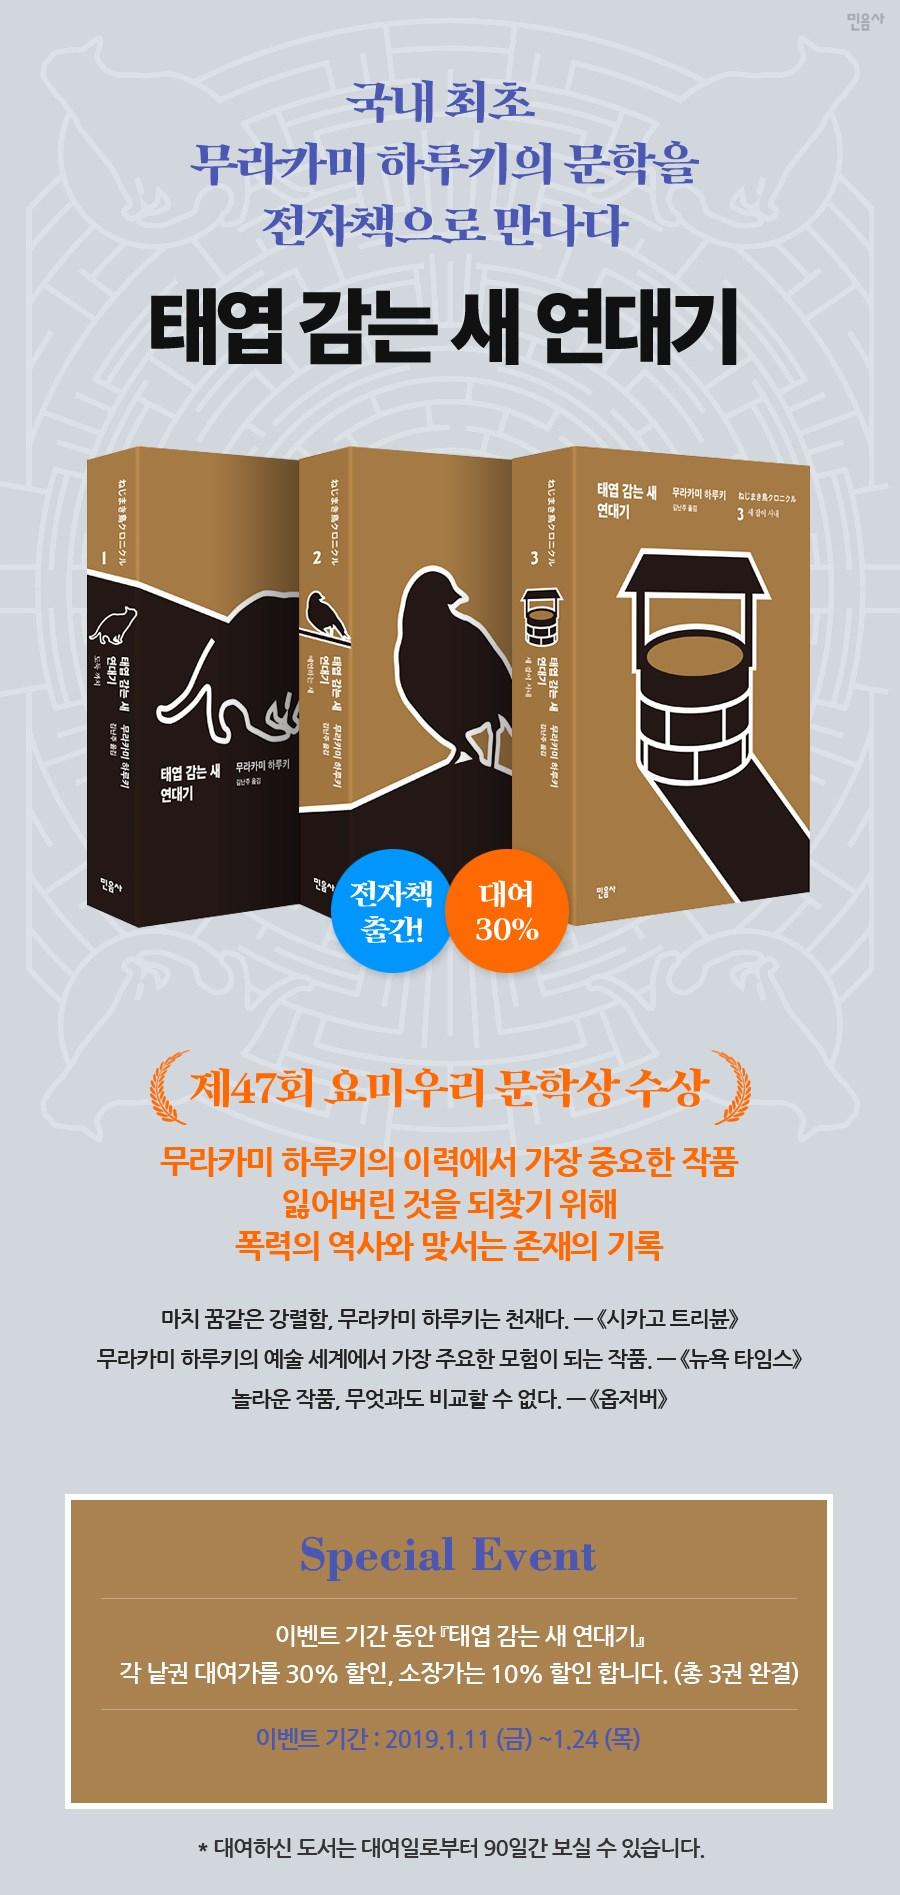 <태엽감는 새 연대기> eBook 출간 기념